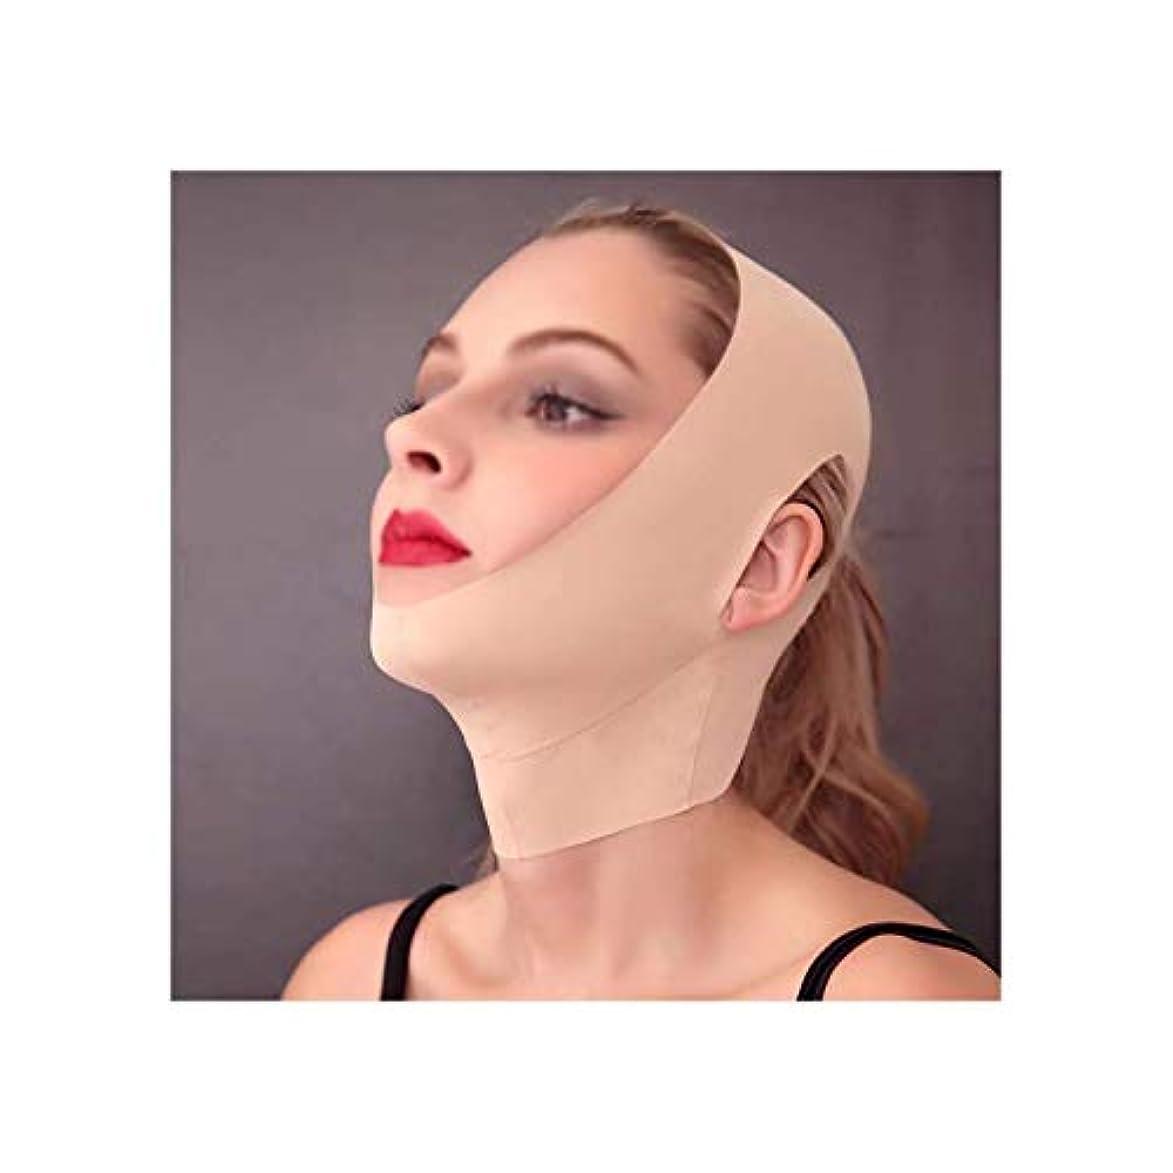 クライストチャーチ磁器ブランチフェイシャルマスク、フェイスリフティングアーティファクト女性男性スリープフェイスVフェイスバンデージマスクリフティングフェイスコレクションファーミングフェイストゥーダブルチンスリミングベルト